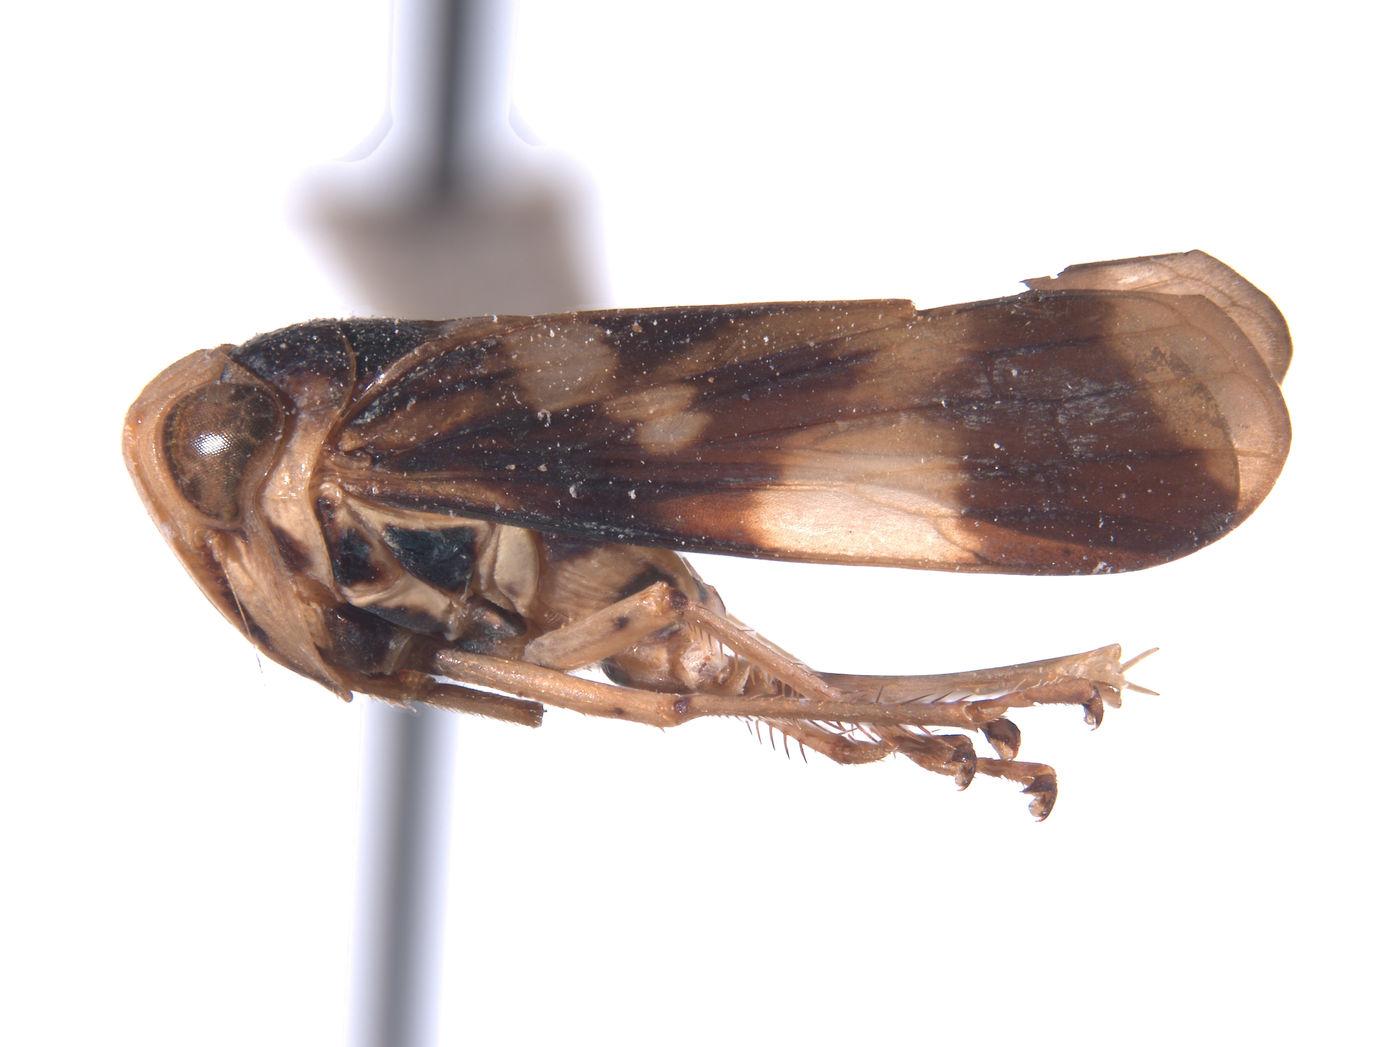 Conbalia colombiensis image